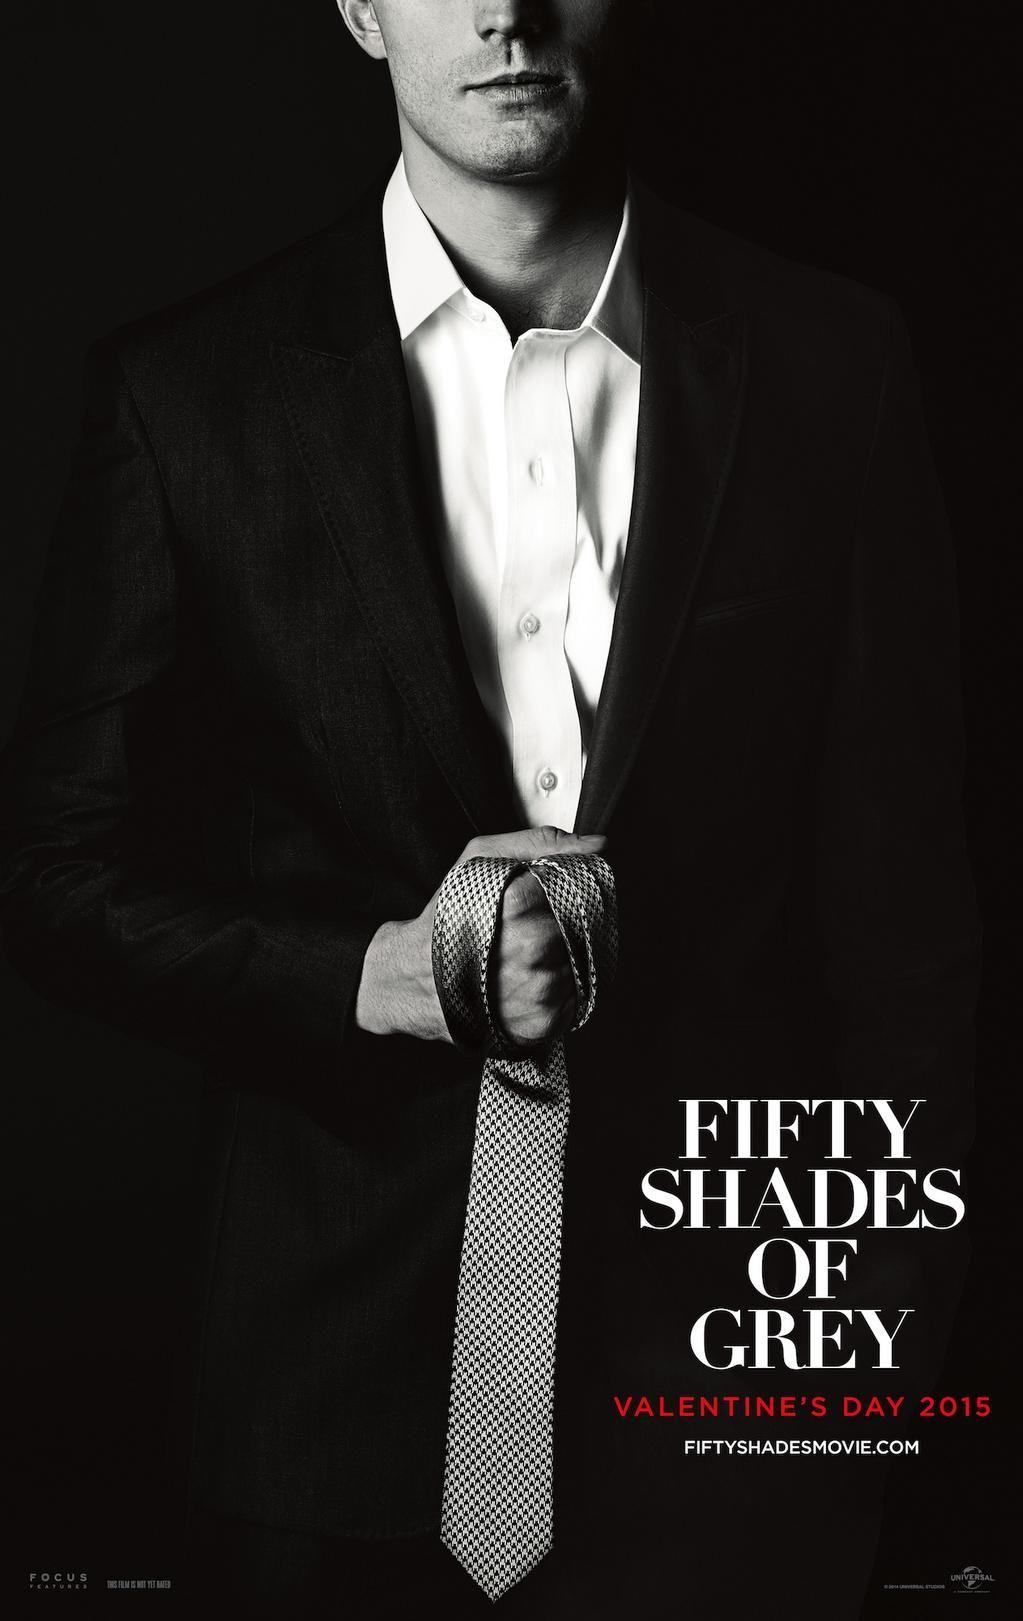 Fiftyshades shades of grey movie fifty shades movie